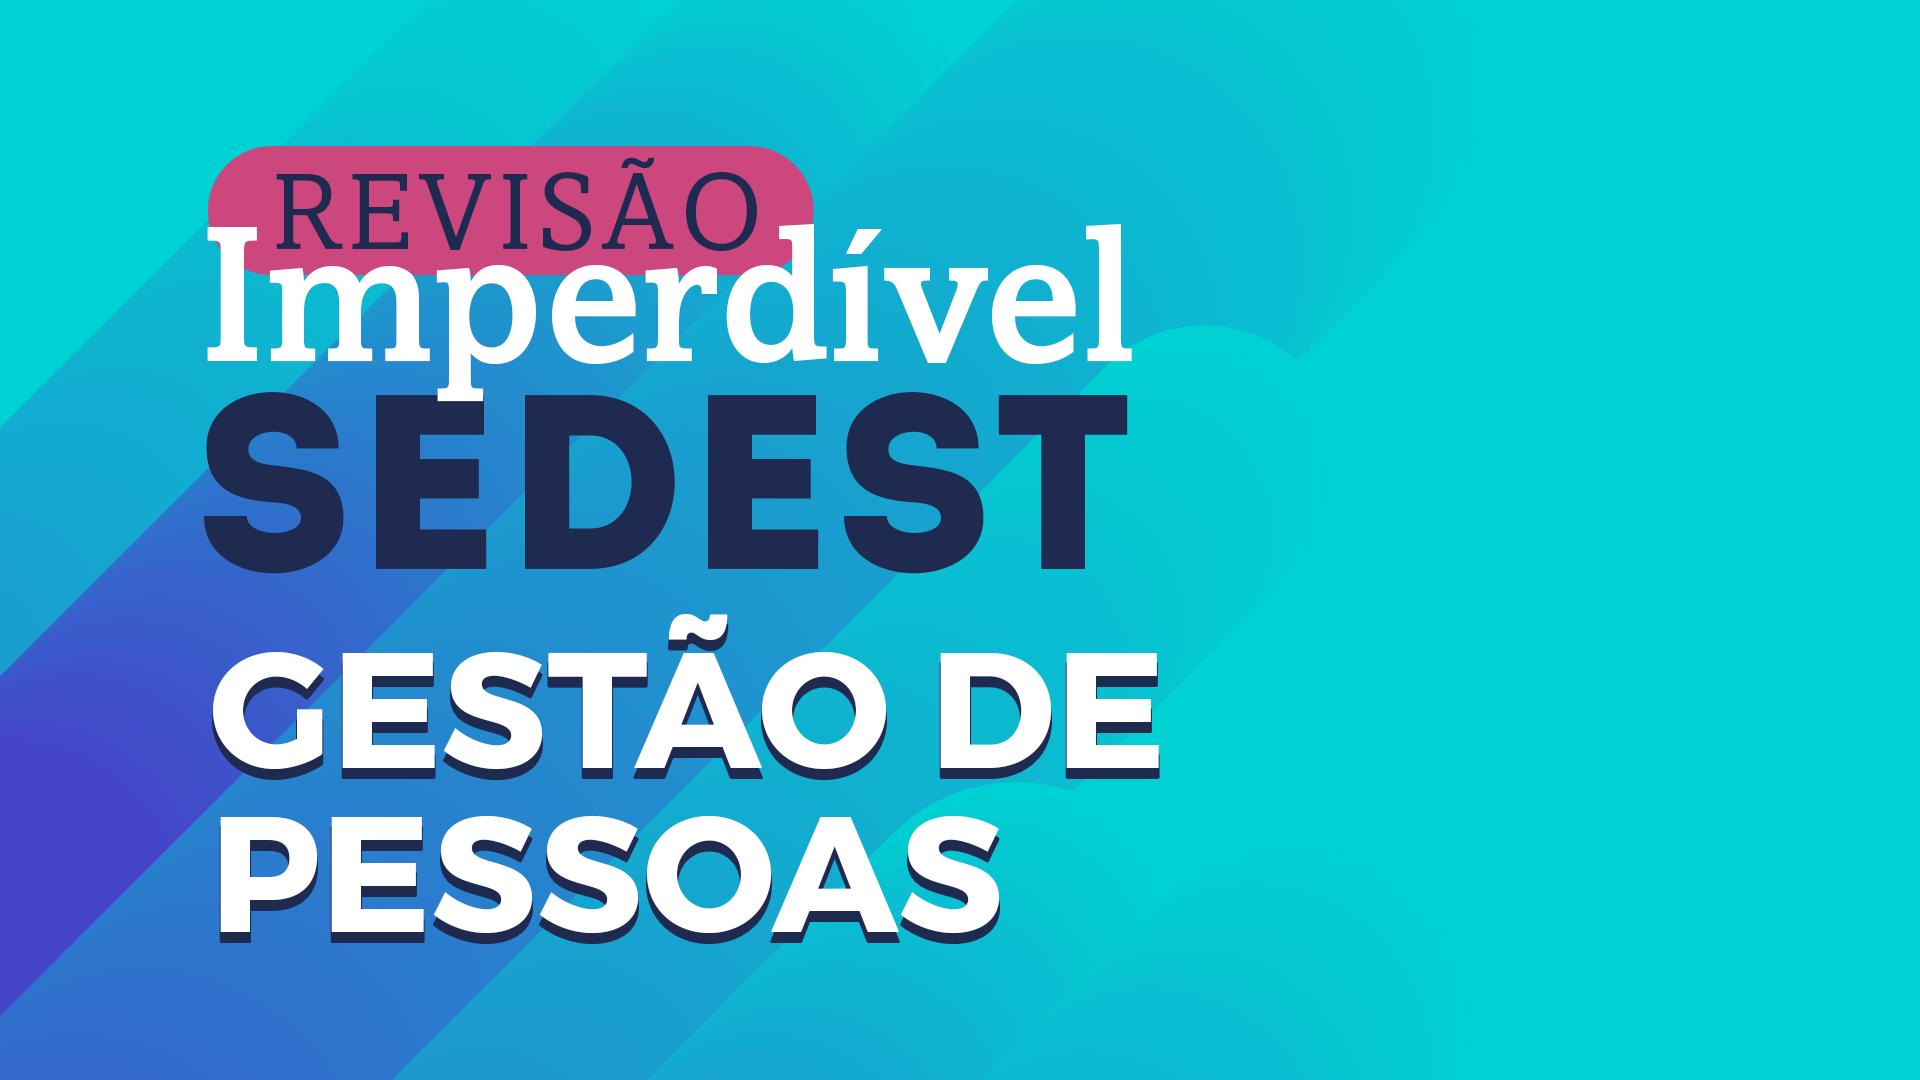 Revisão Imperdível Sedest | Gestão de Pessoas - Andréia Ribas